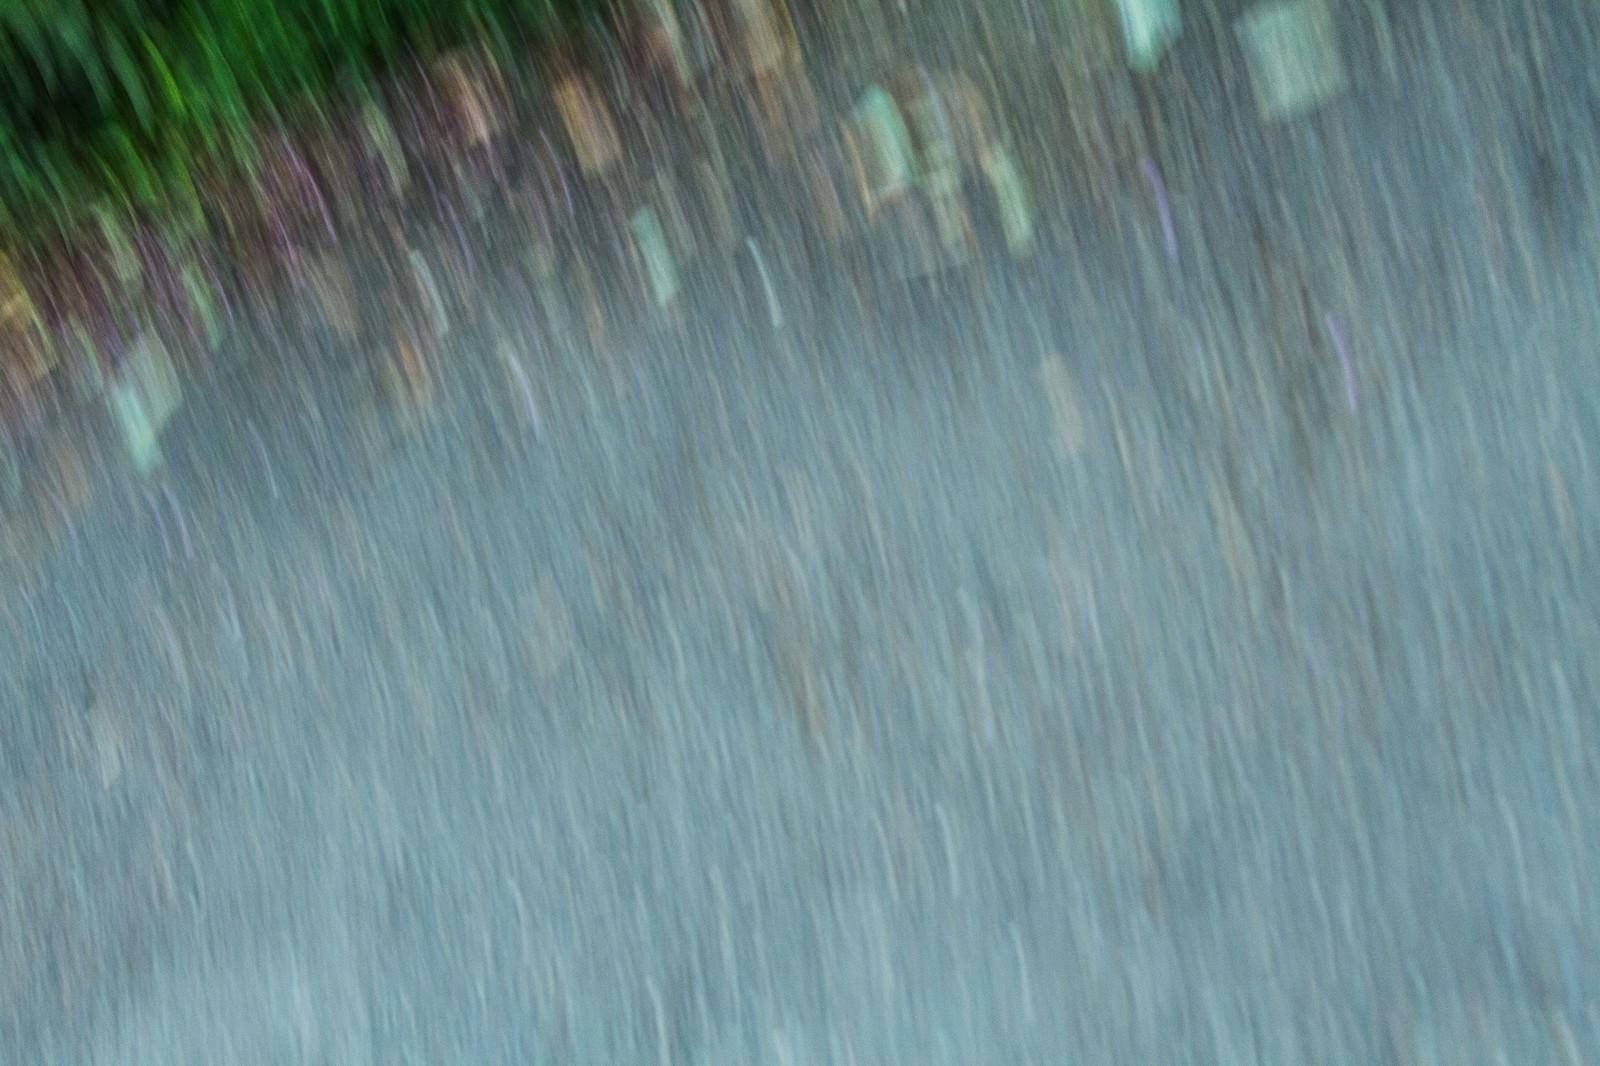 「慄く」の写真